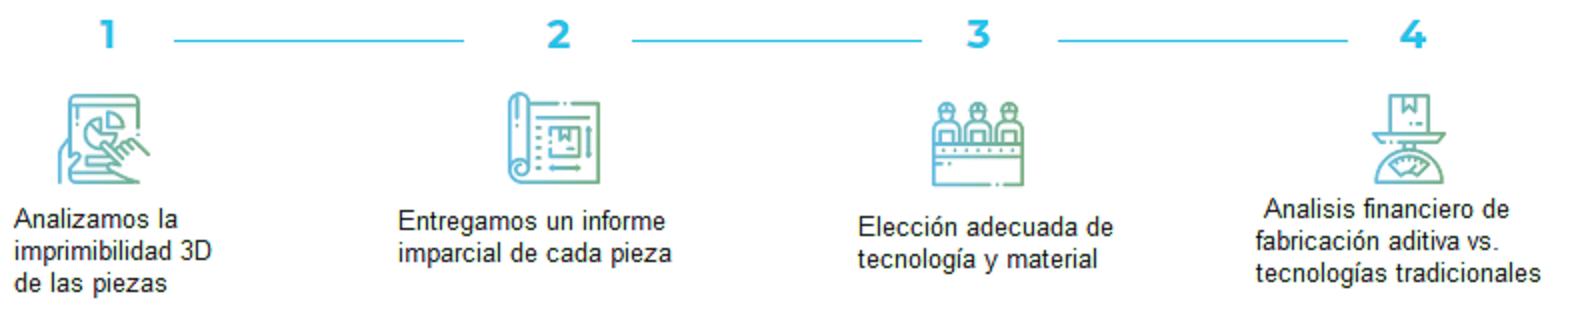 diagrama almacén virtual